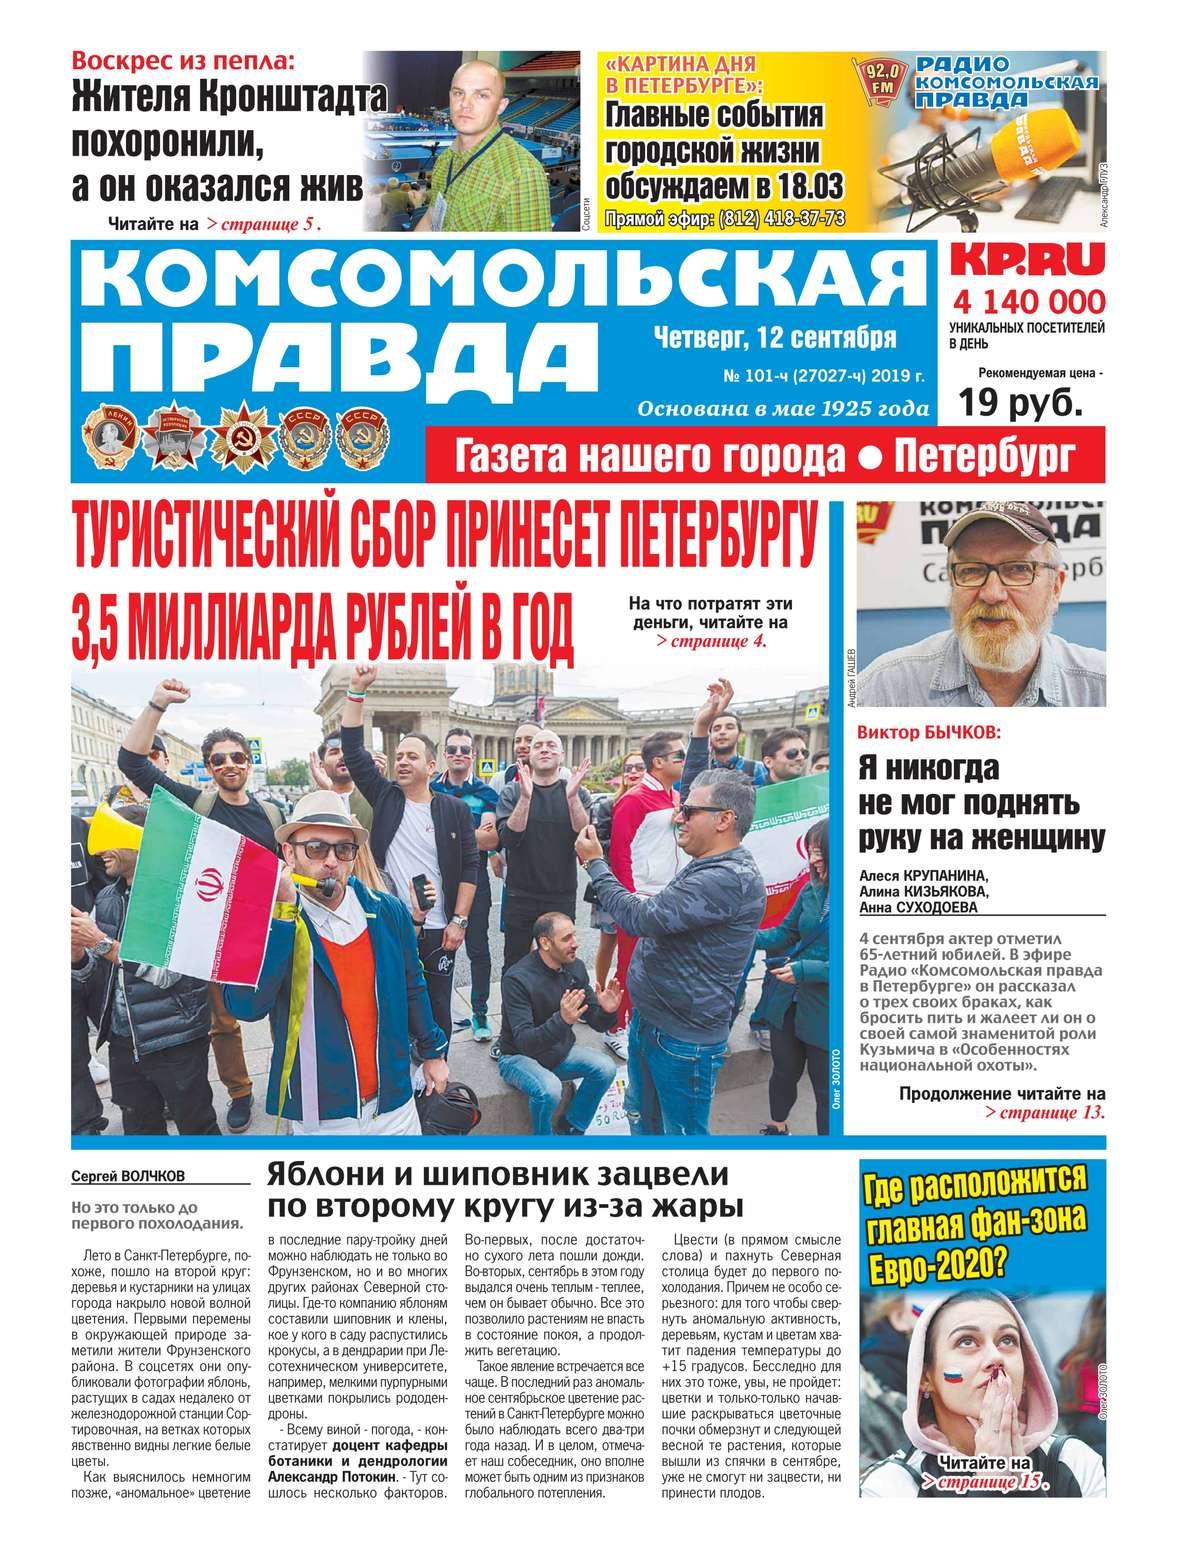 Комсомольская Правда. Санкт-Петербург 101ч-2019